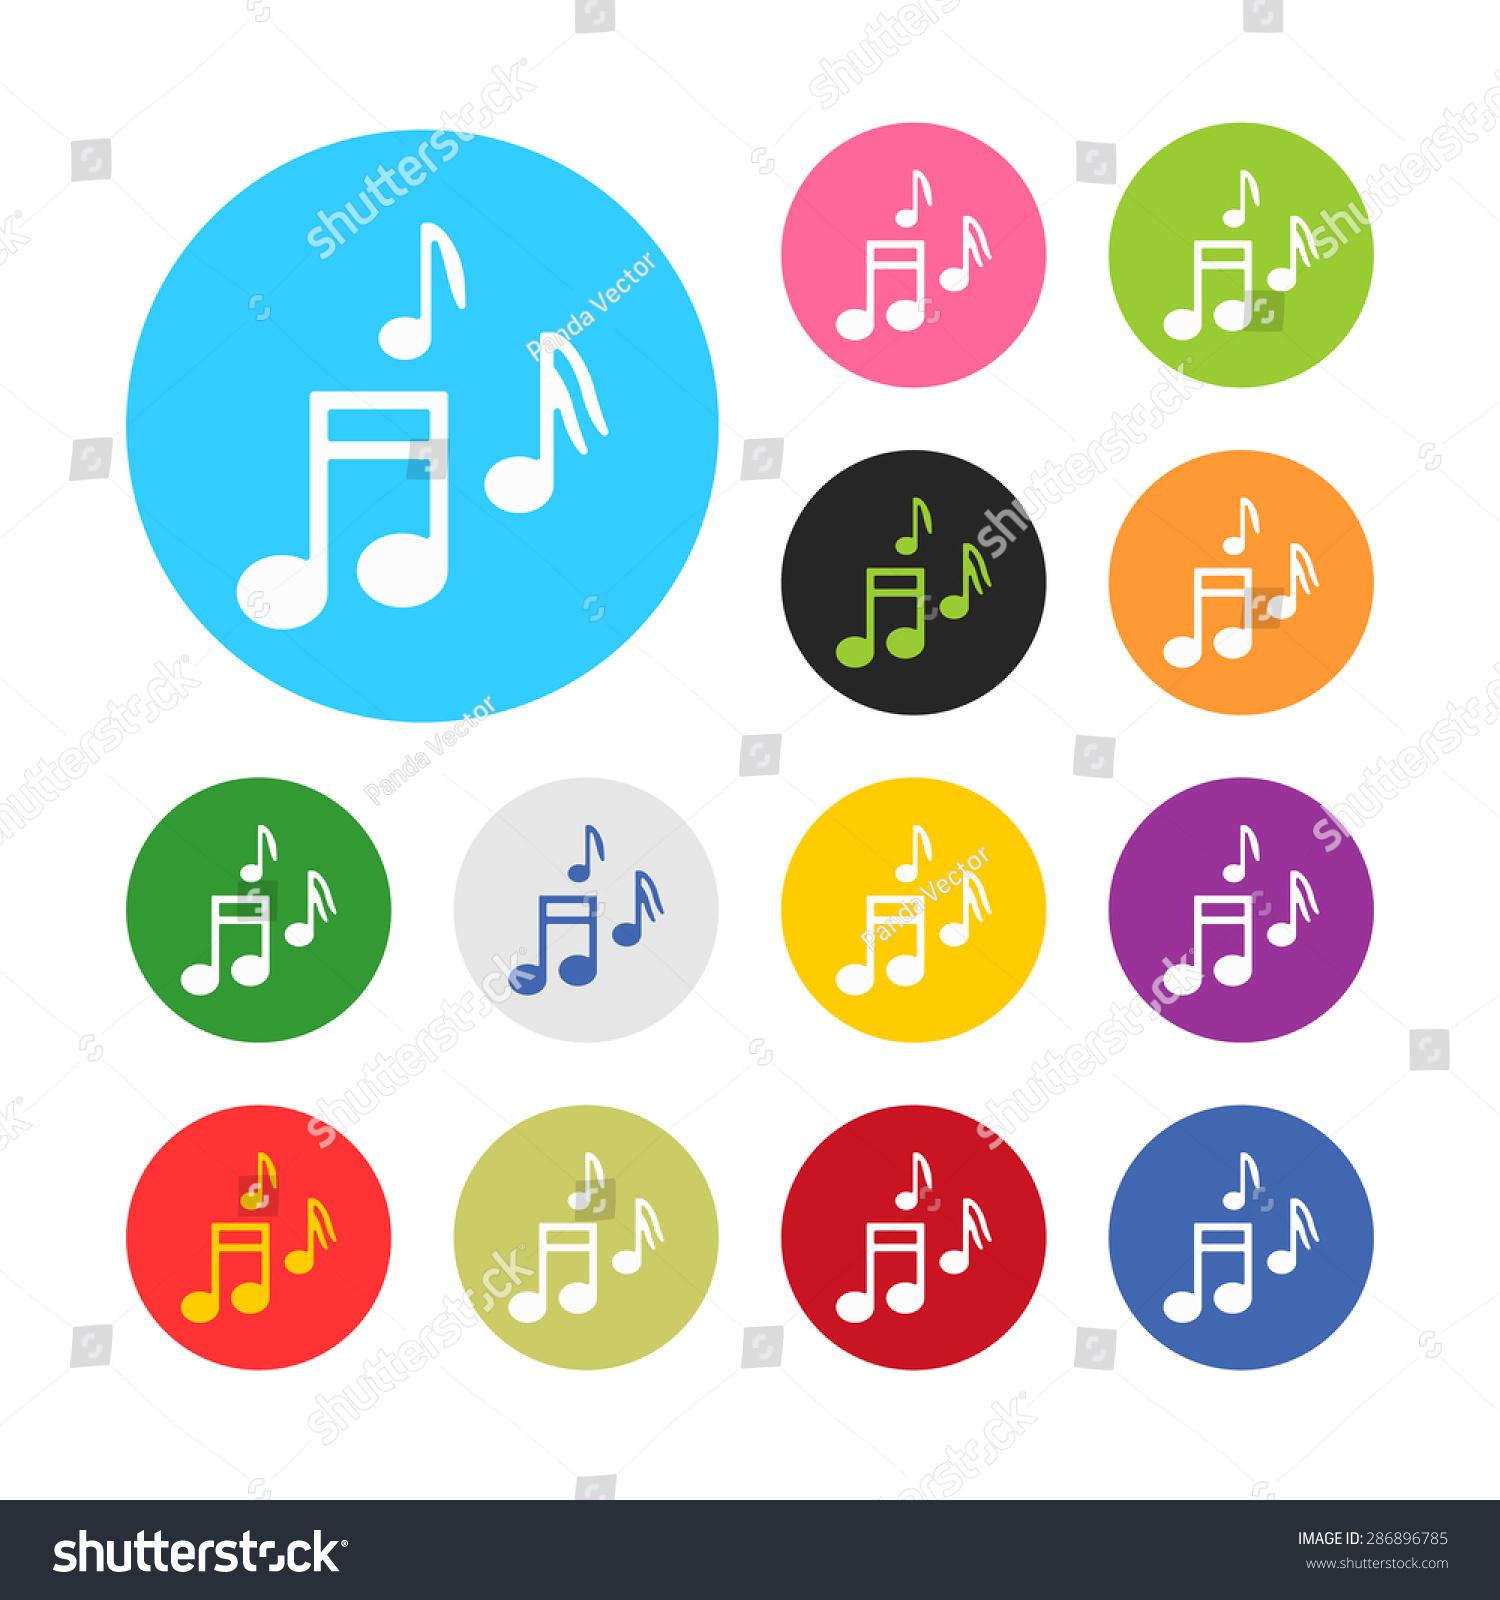 说明音乐商业和金融的图标